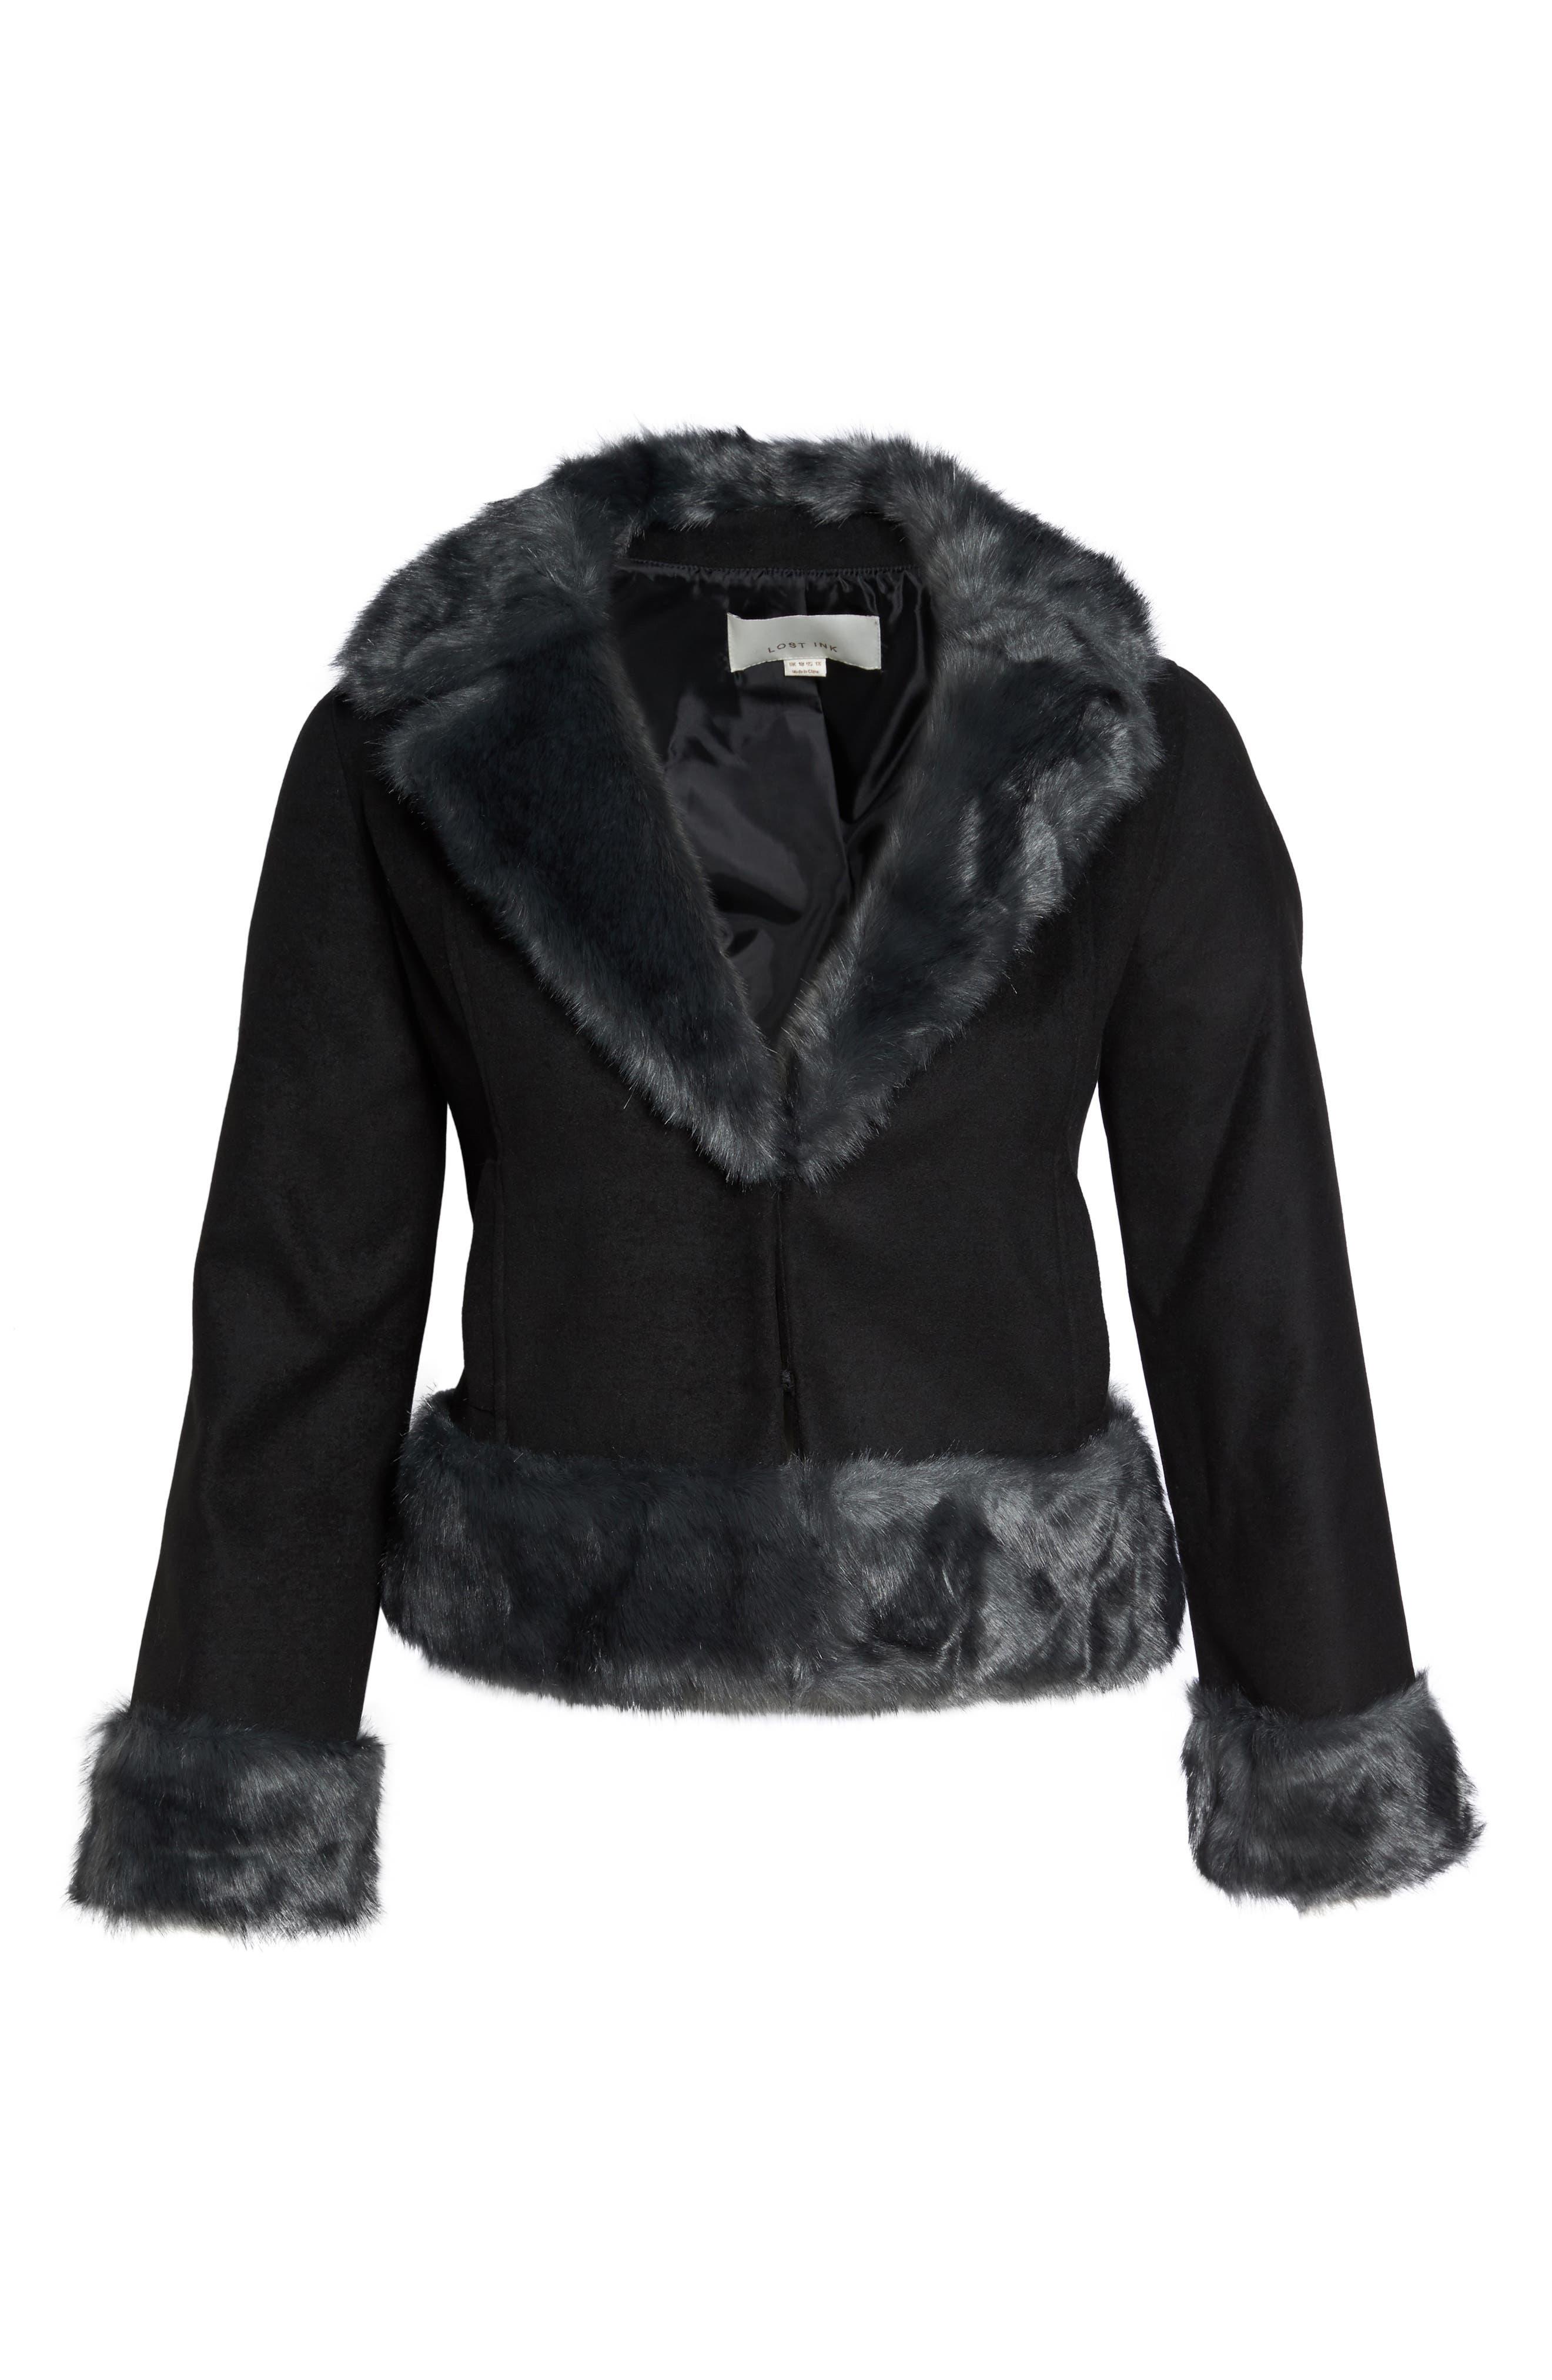 Jacket with Faux Fur Trim,                             Alternate thumbnail 5, color,                             001